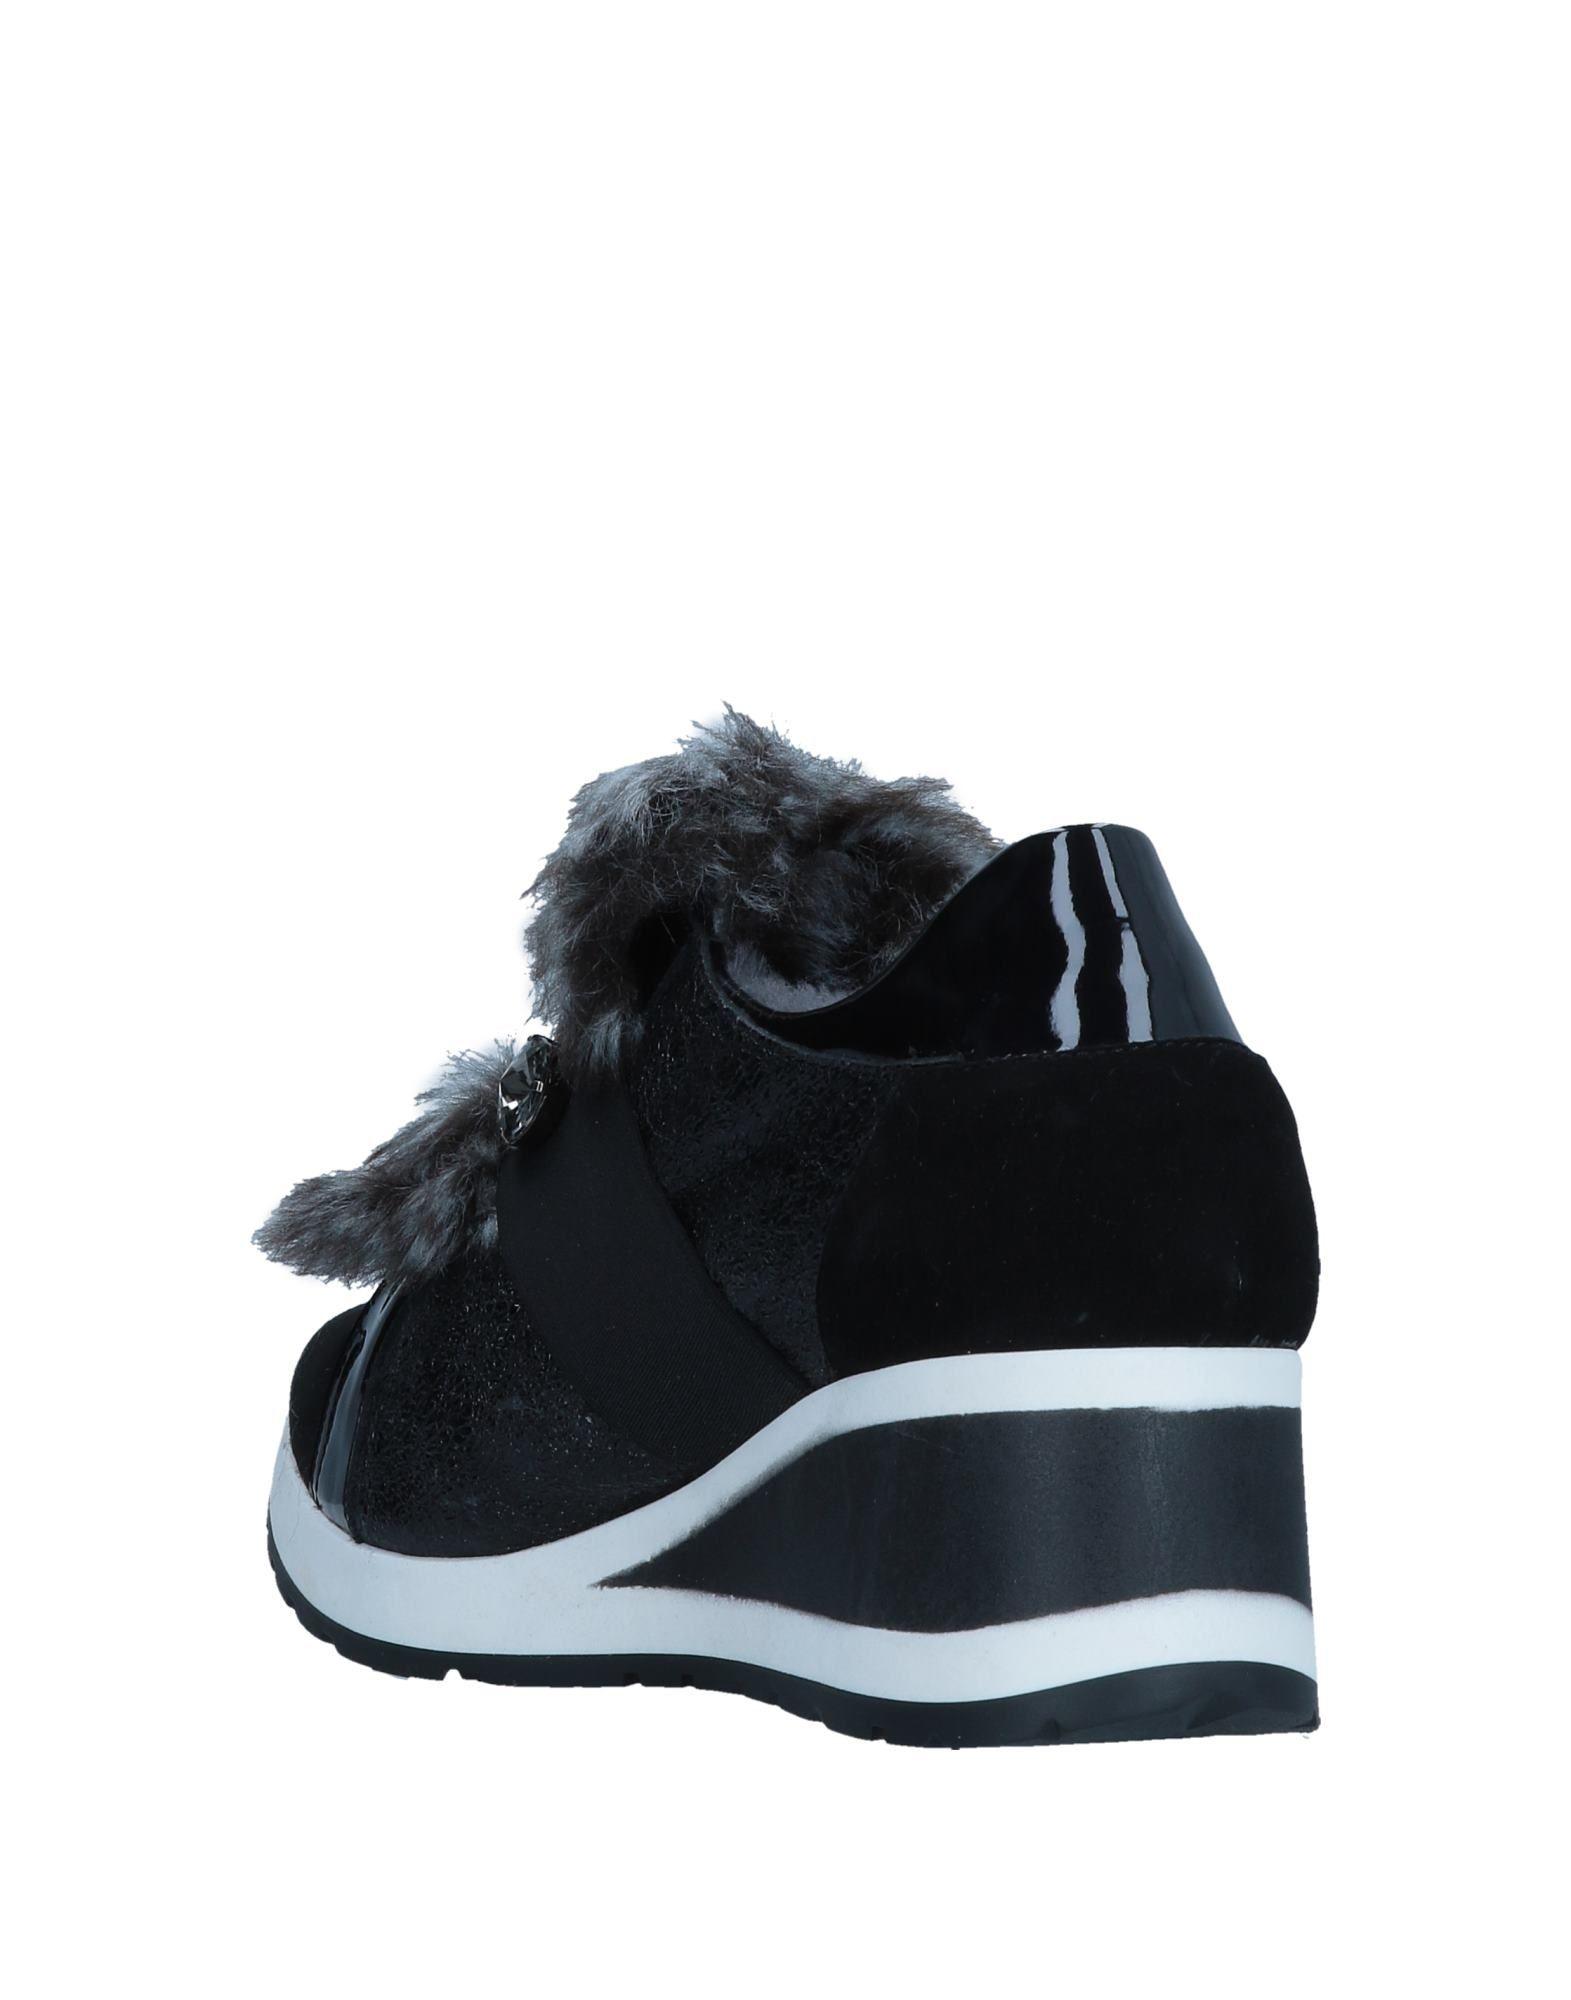 4d3451fea9d11d ... Asylum Gute Sneakers Damen 11548334FL Gute Asylum Qualität beliebte  Schuhe 6783b4 ...